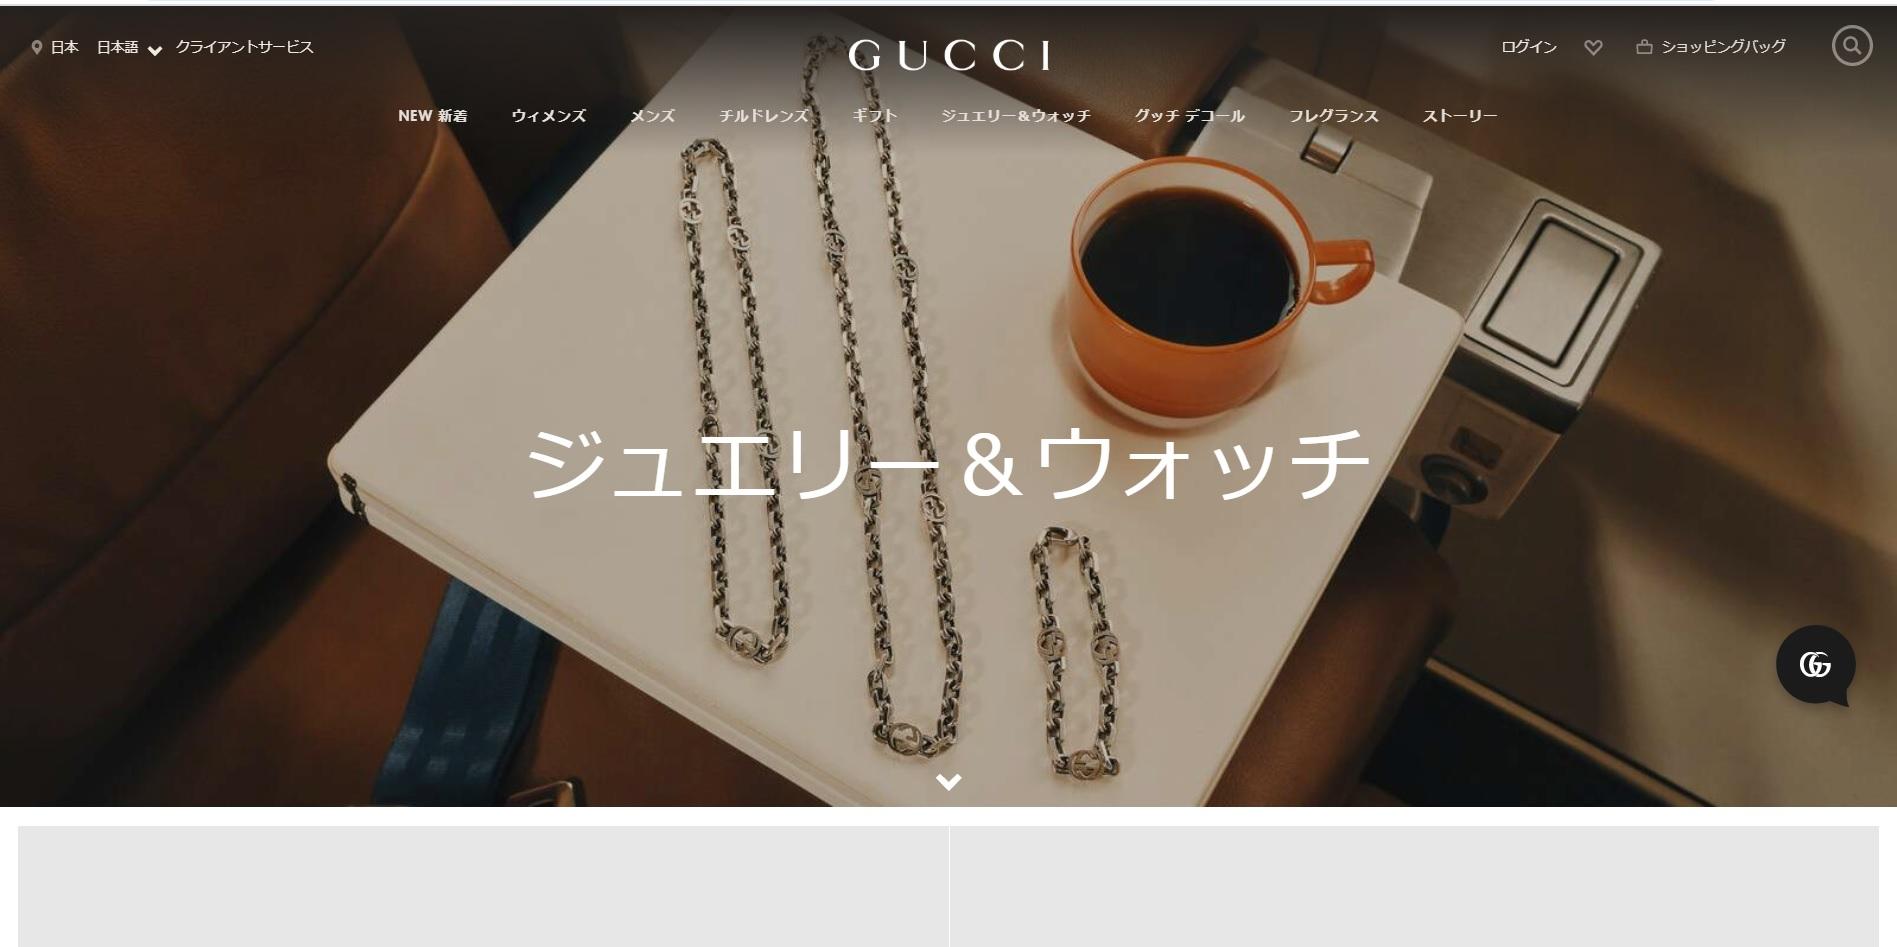 Gucci公式サイト